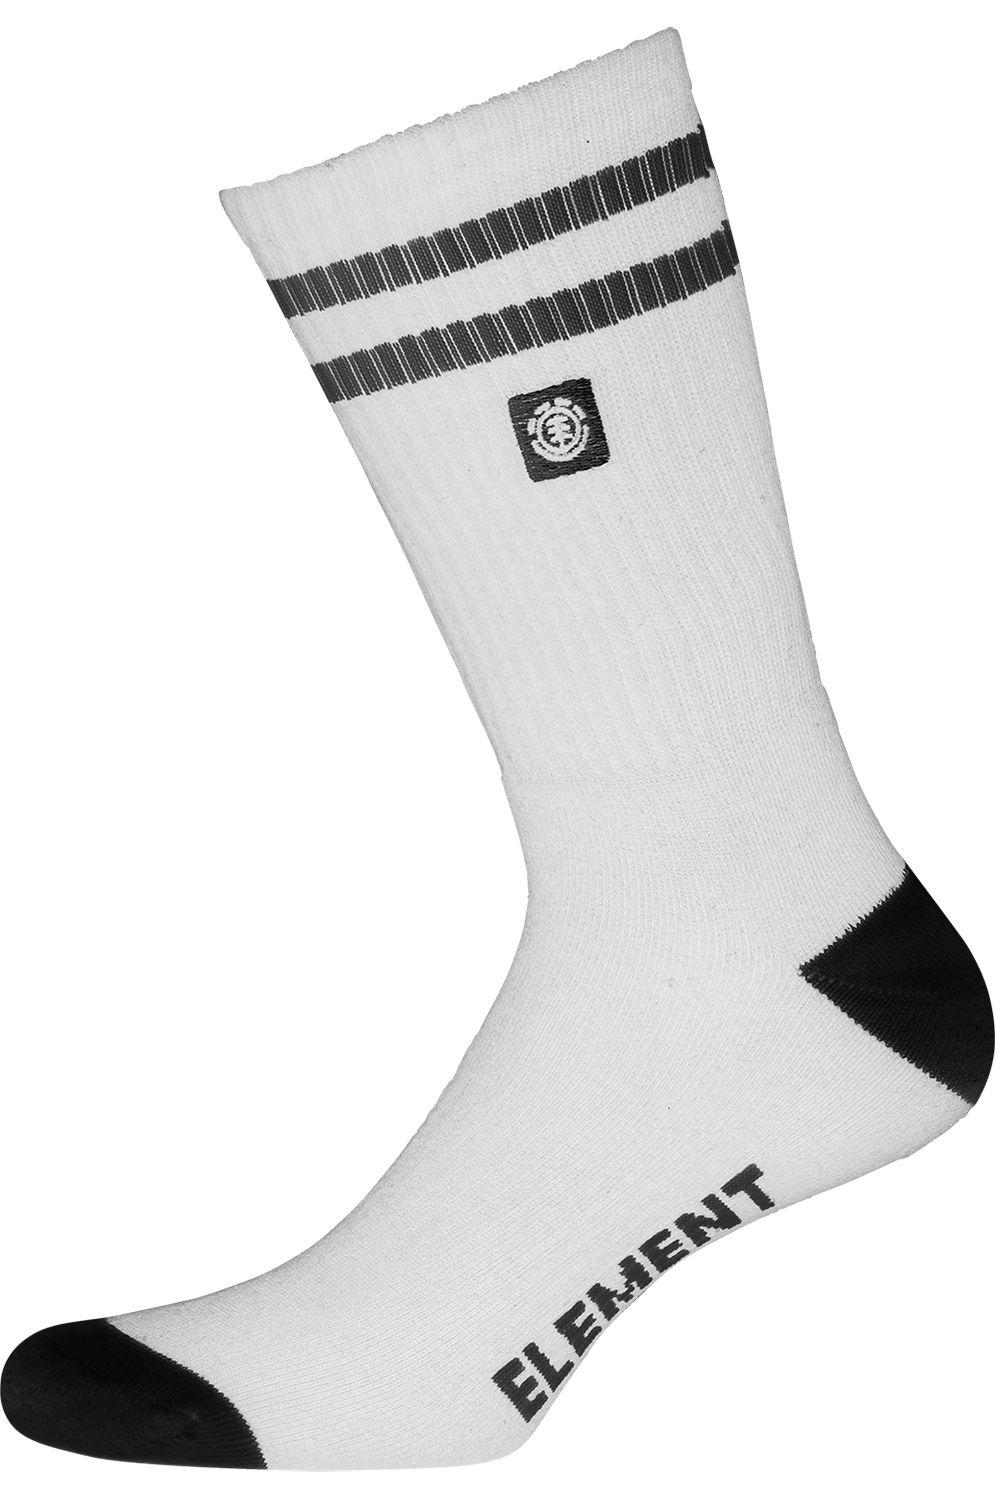 Element Socks CLEARSIGHT SOCKS Optic White